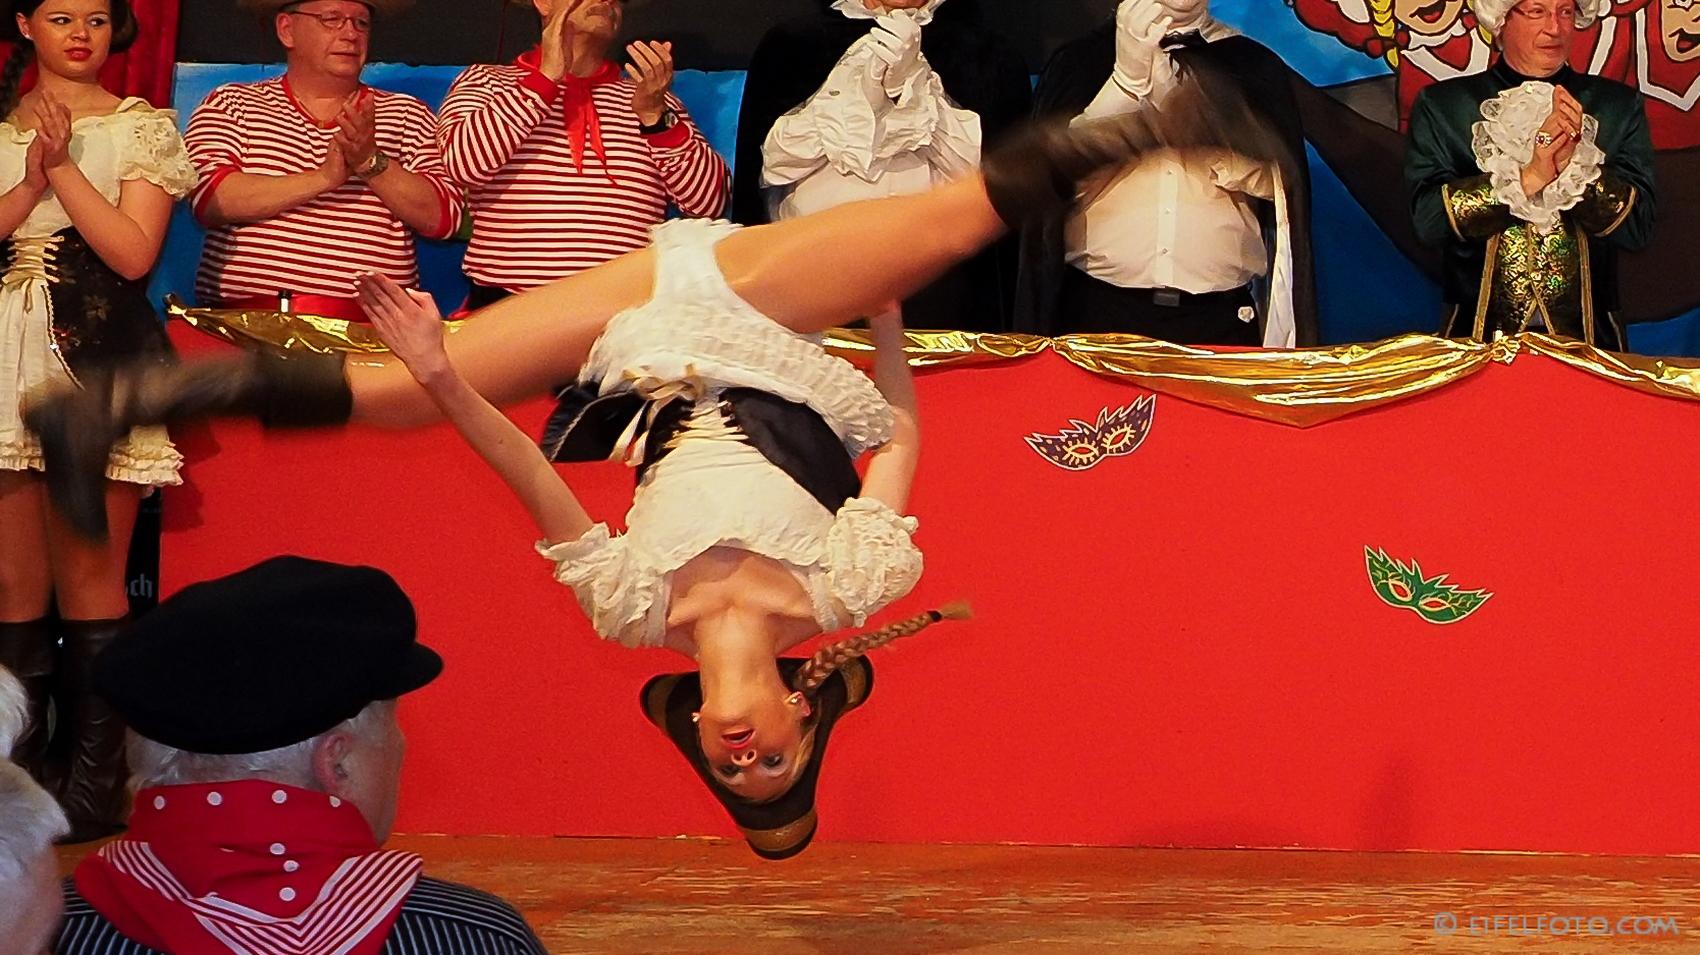 Die fliegenden Tänzerinnen der  Tanzgarde Schwerfe bliev Schwerfe